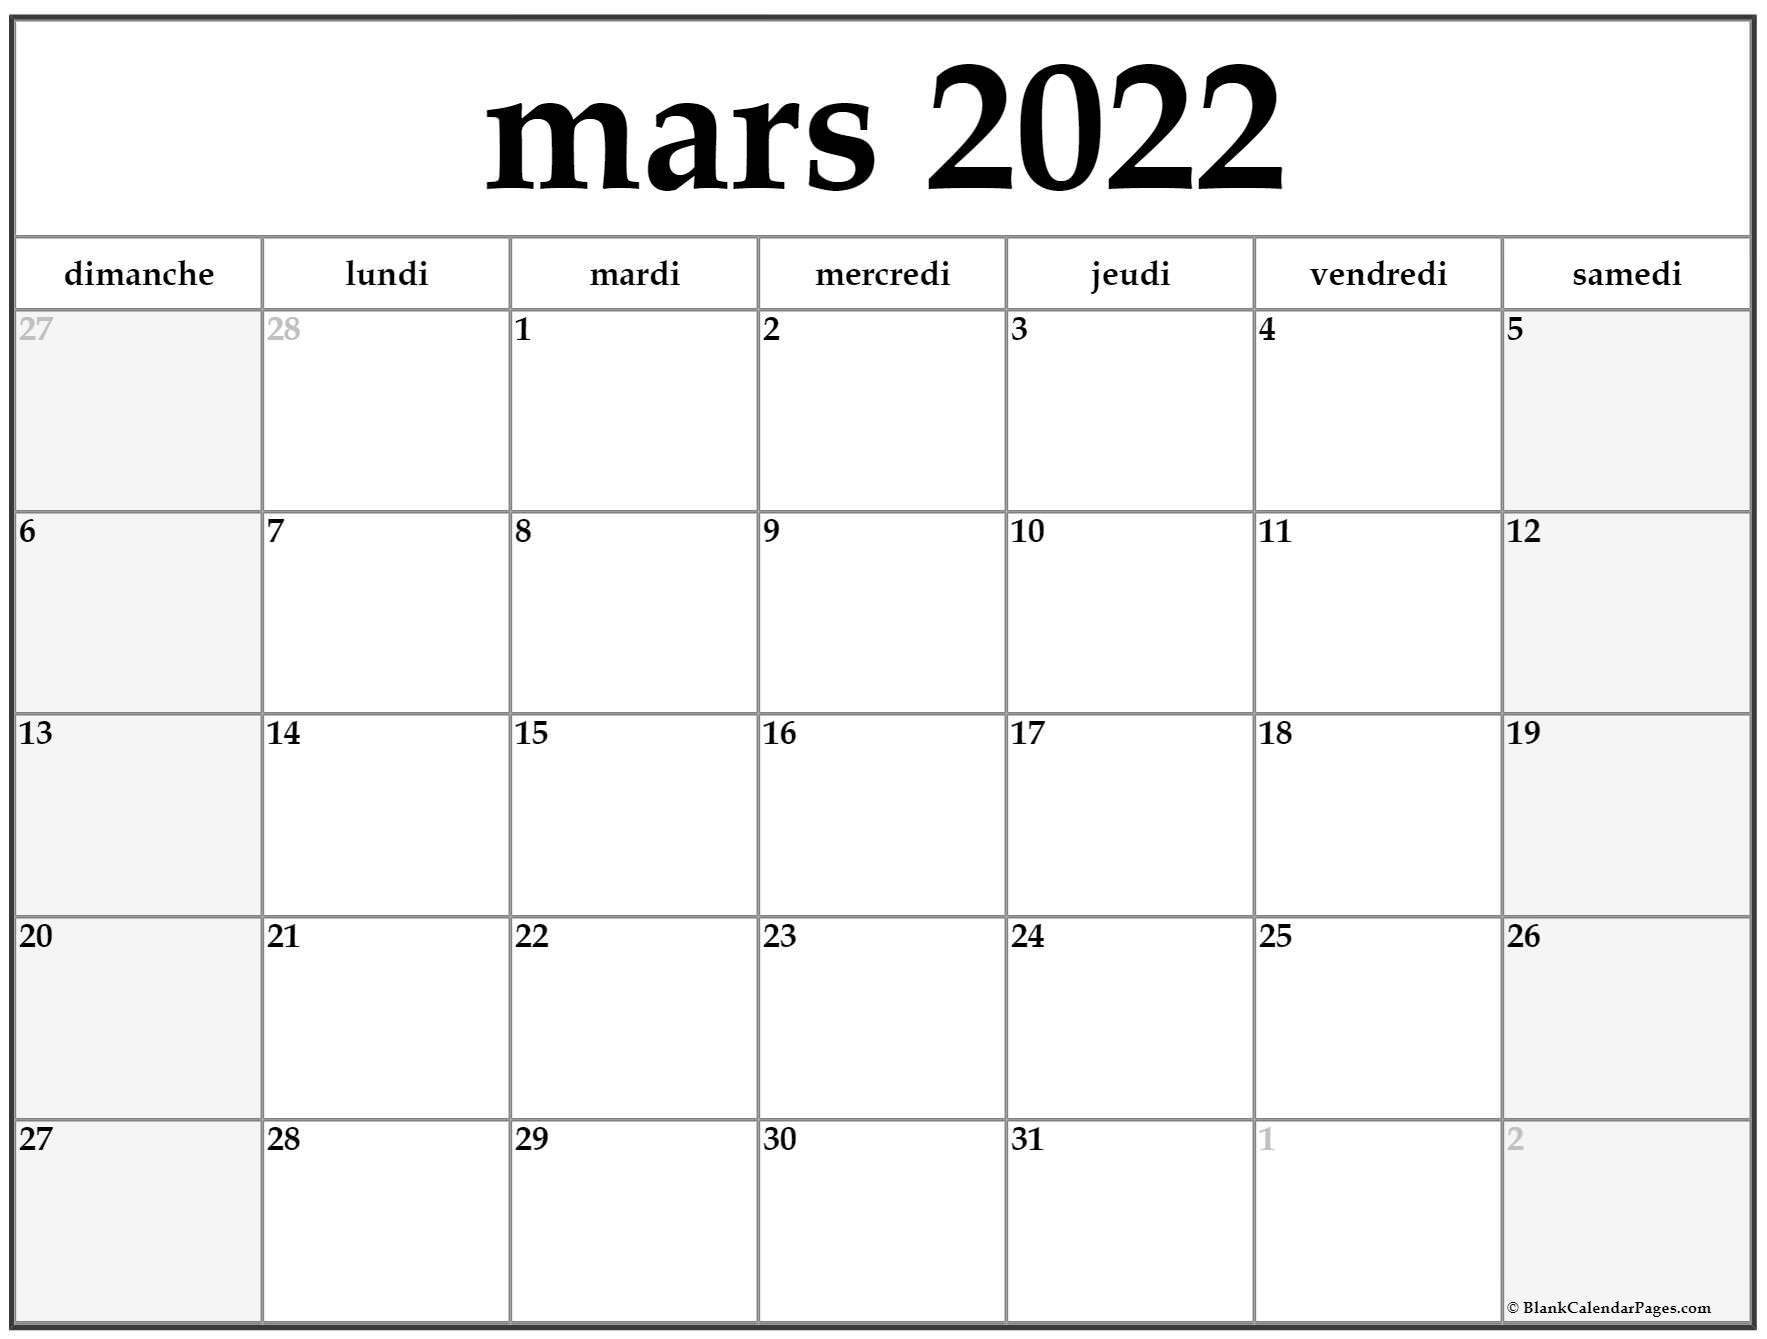 Calendrier Février Mars 2022 mars 2022 calendrier imprimable | Calendrier gratuit